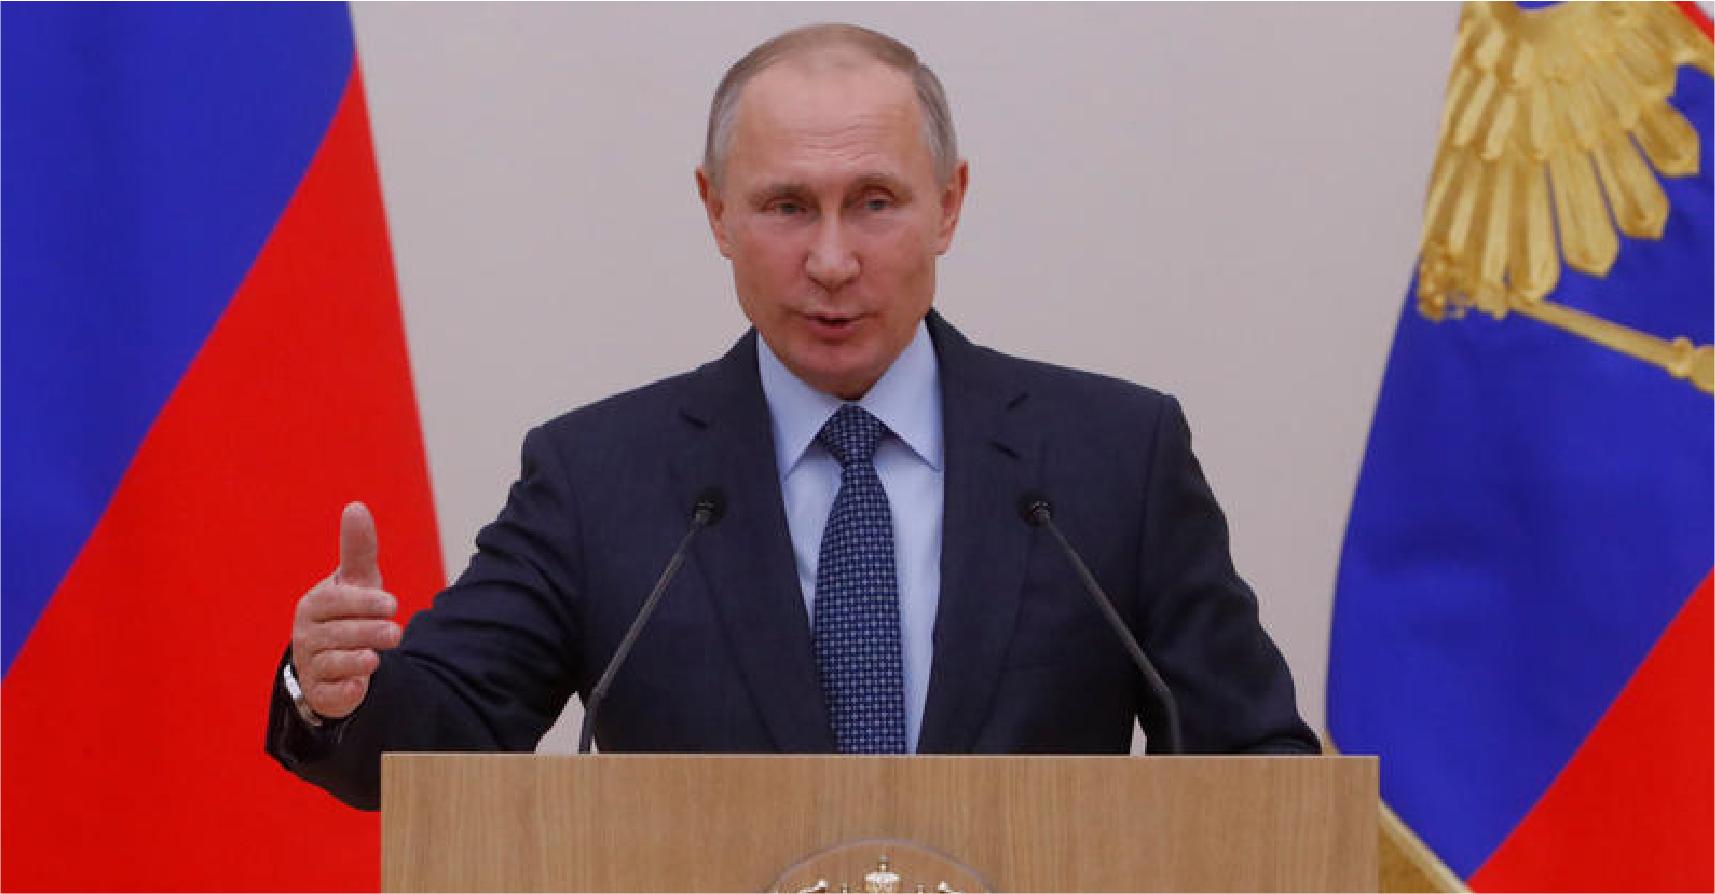 صورة بوتين يصدر قراراً بسحب القوات الروسية من سوريا مع الإبقاء على بعض المجندين والضباط ورئيس